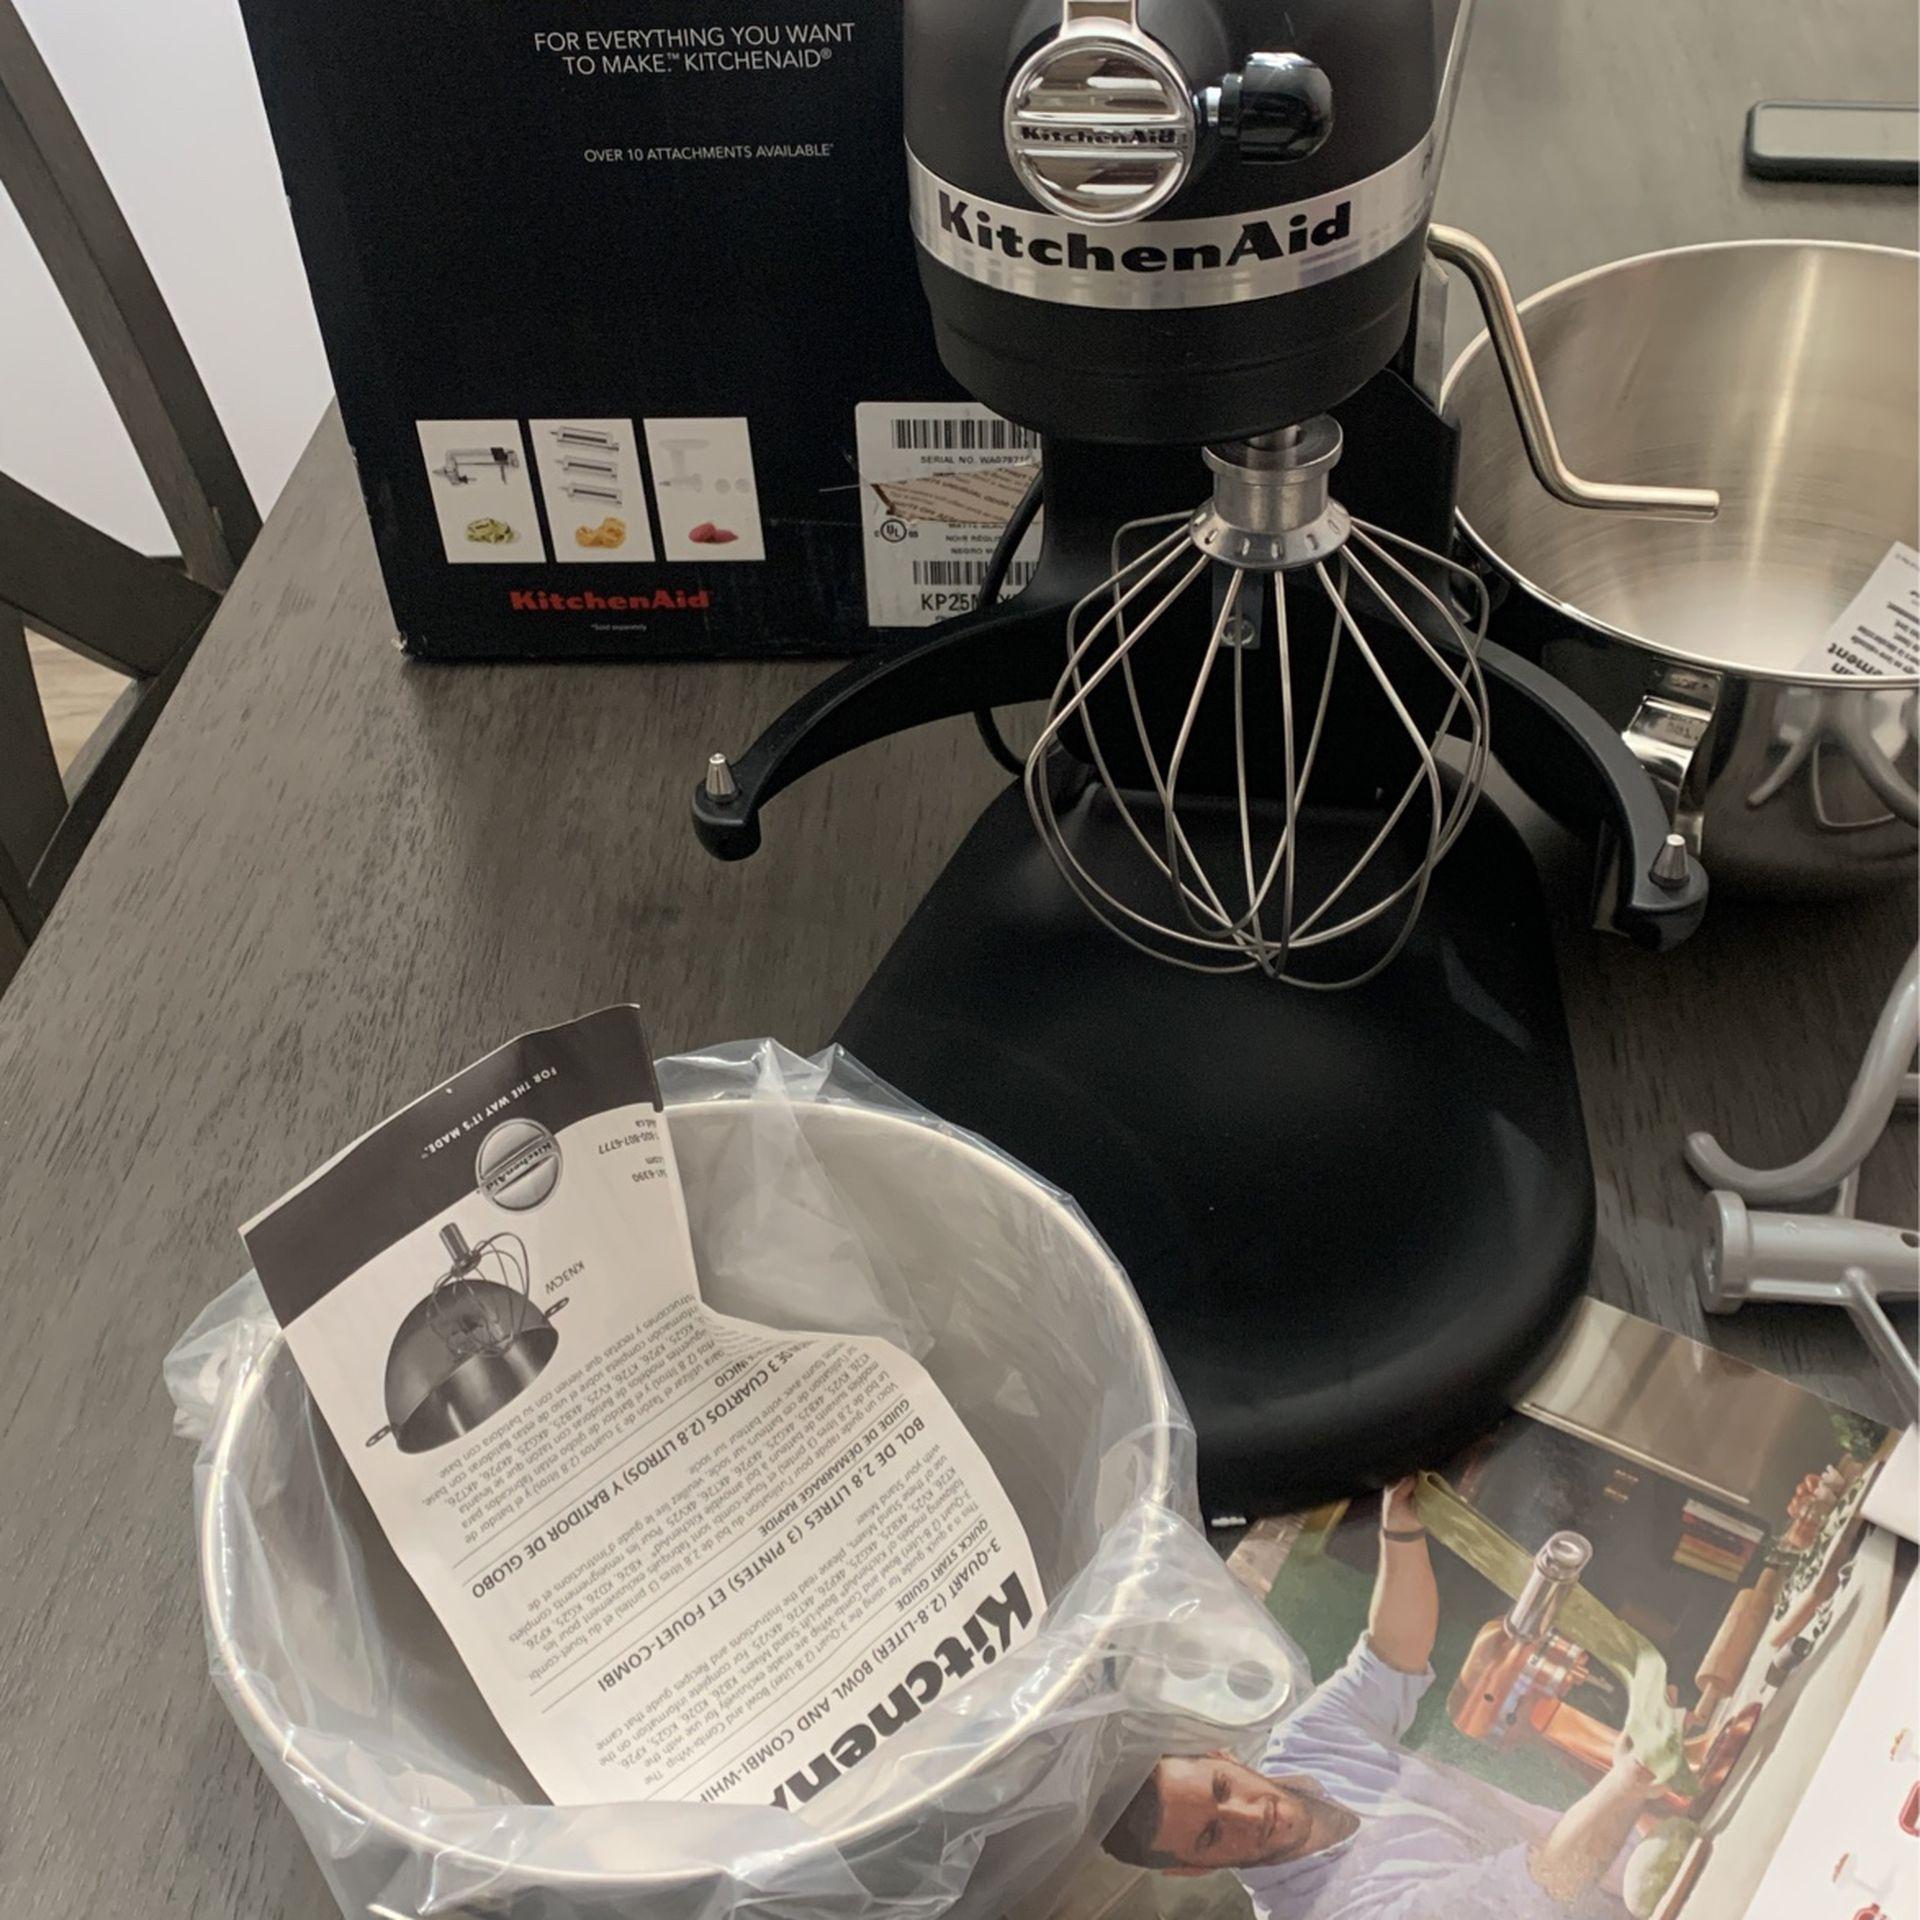 KitchenAid Profesional 5 Plus